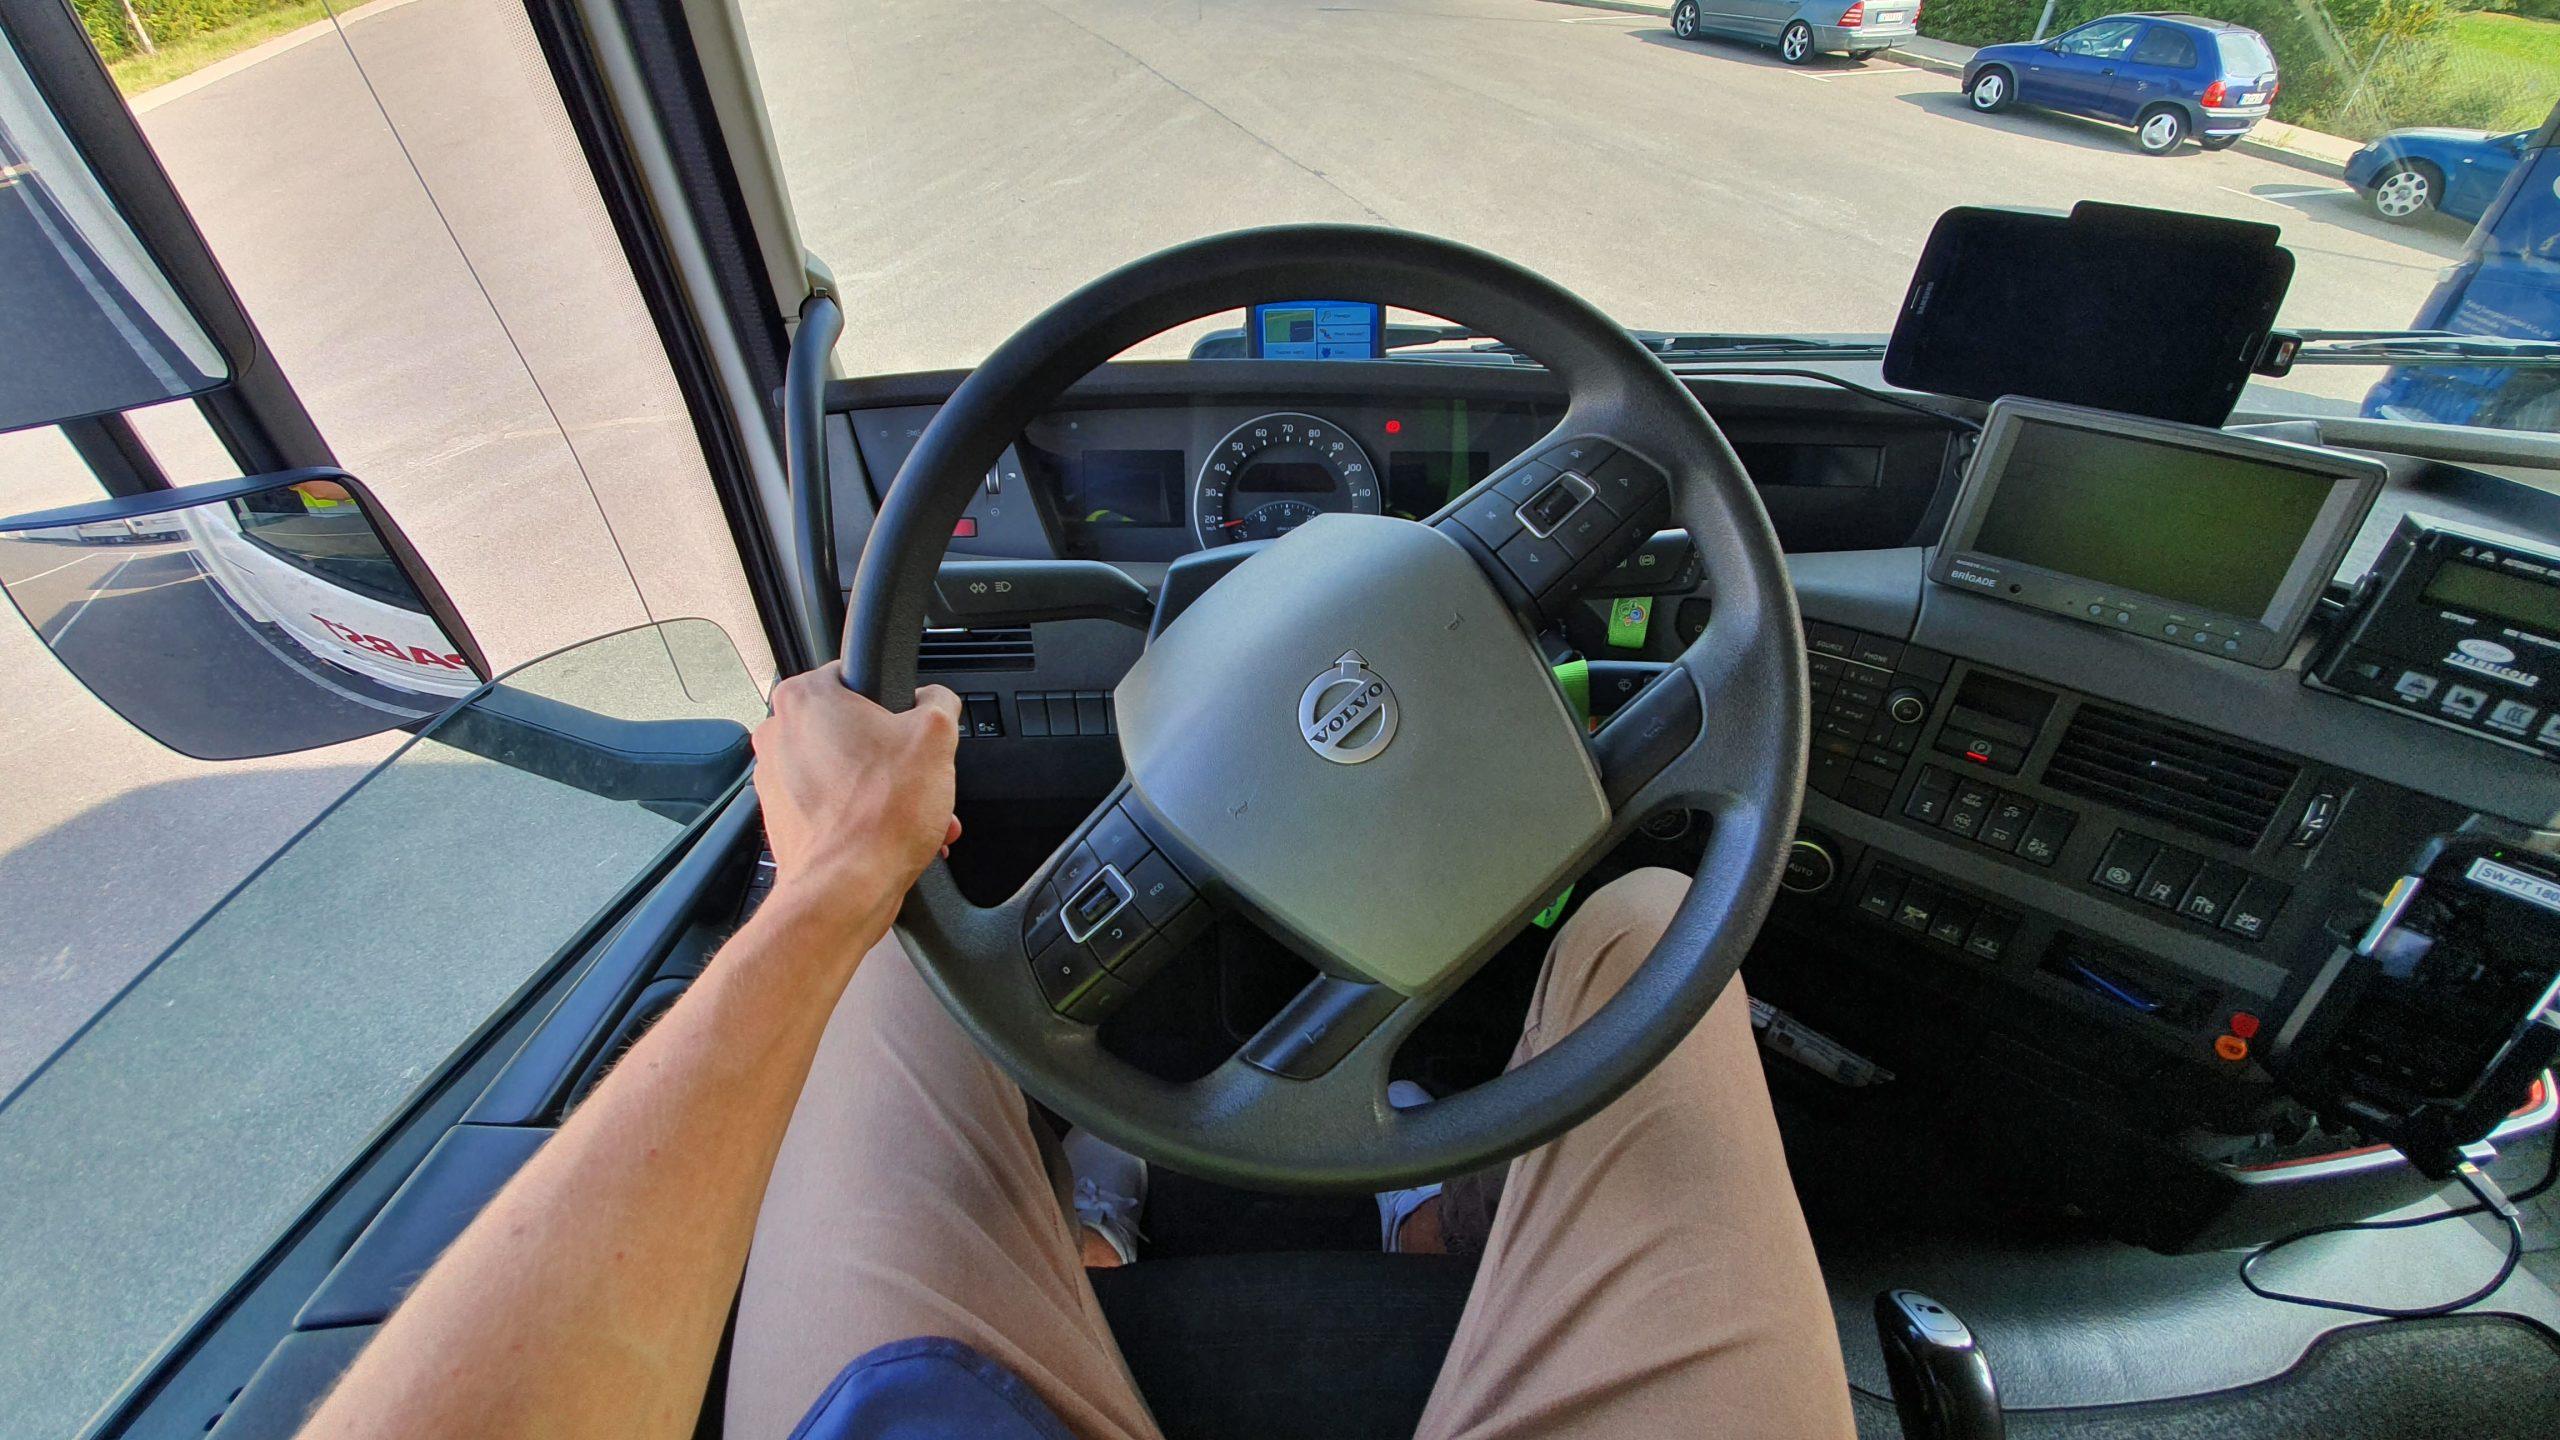 Am Steuer eines Lastkraftwagens. Foto: Pabst Transport